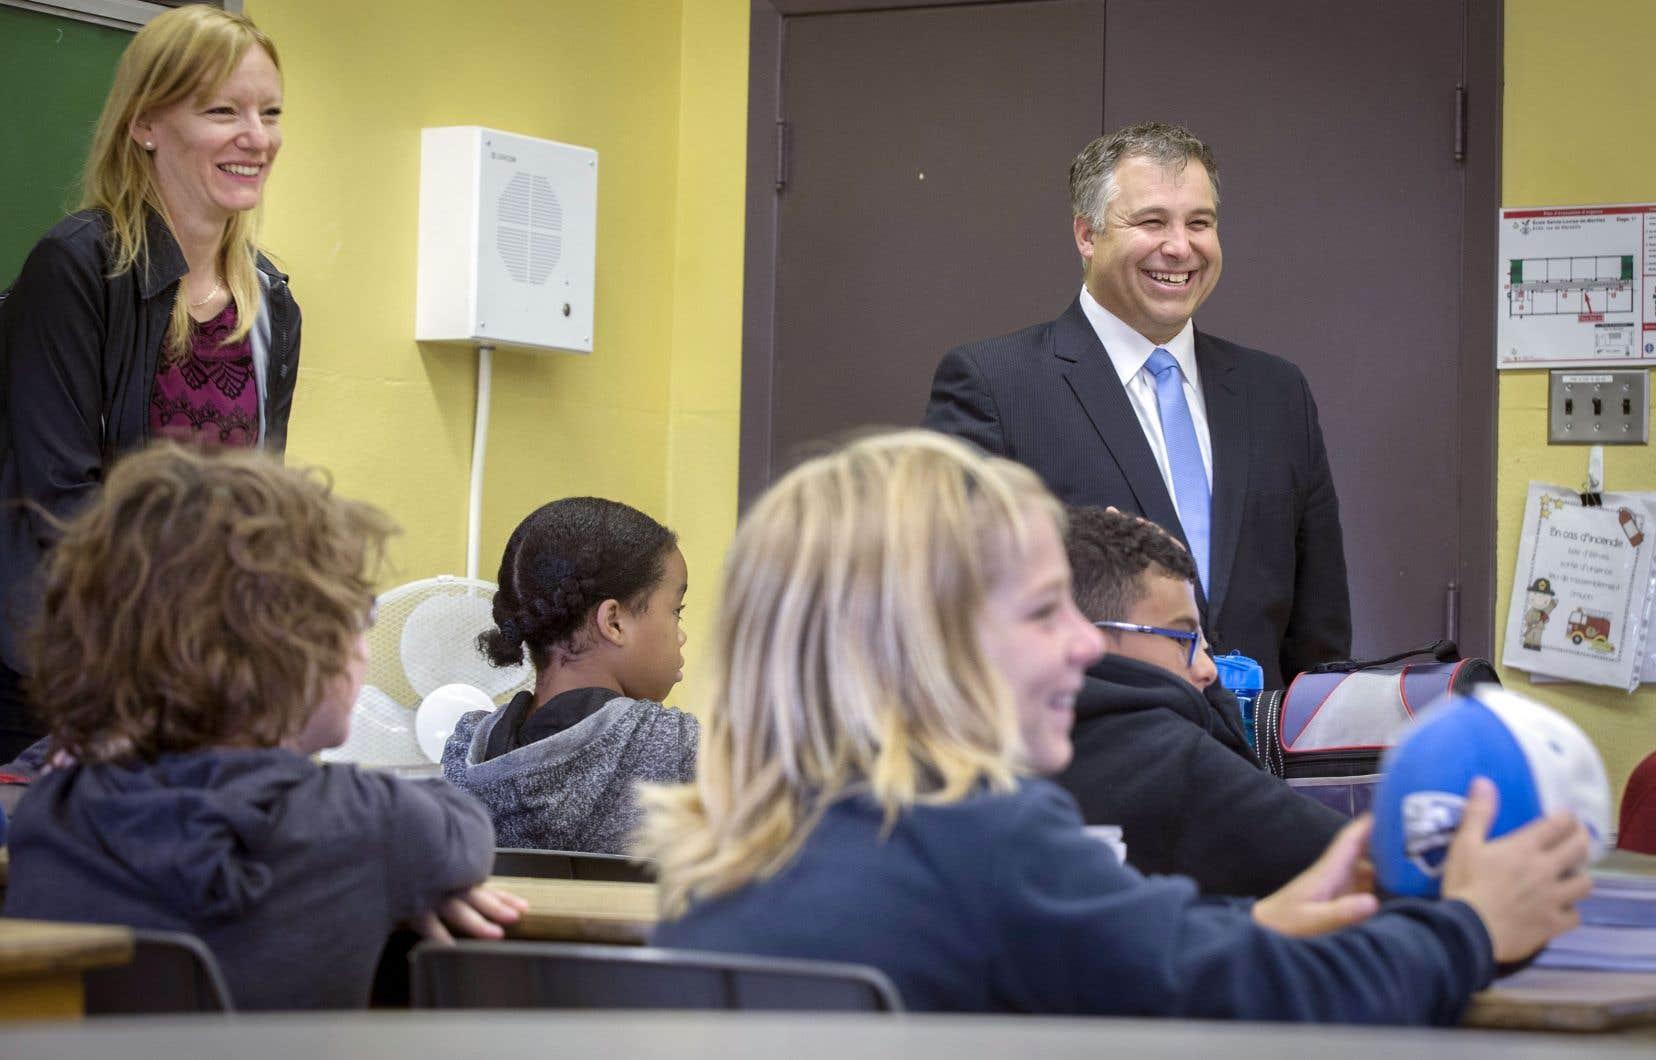 Le ministre de l'Éducation Sébastien Proulx s'est engagé à accélérer l'implantation des apprentissages en éducation sexuelle.